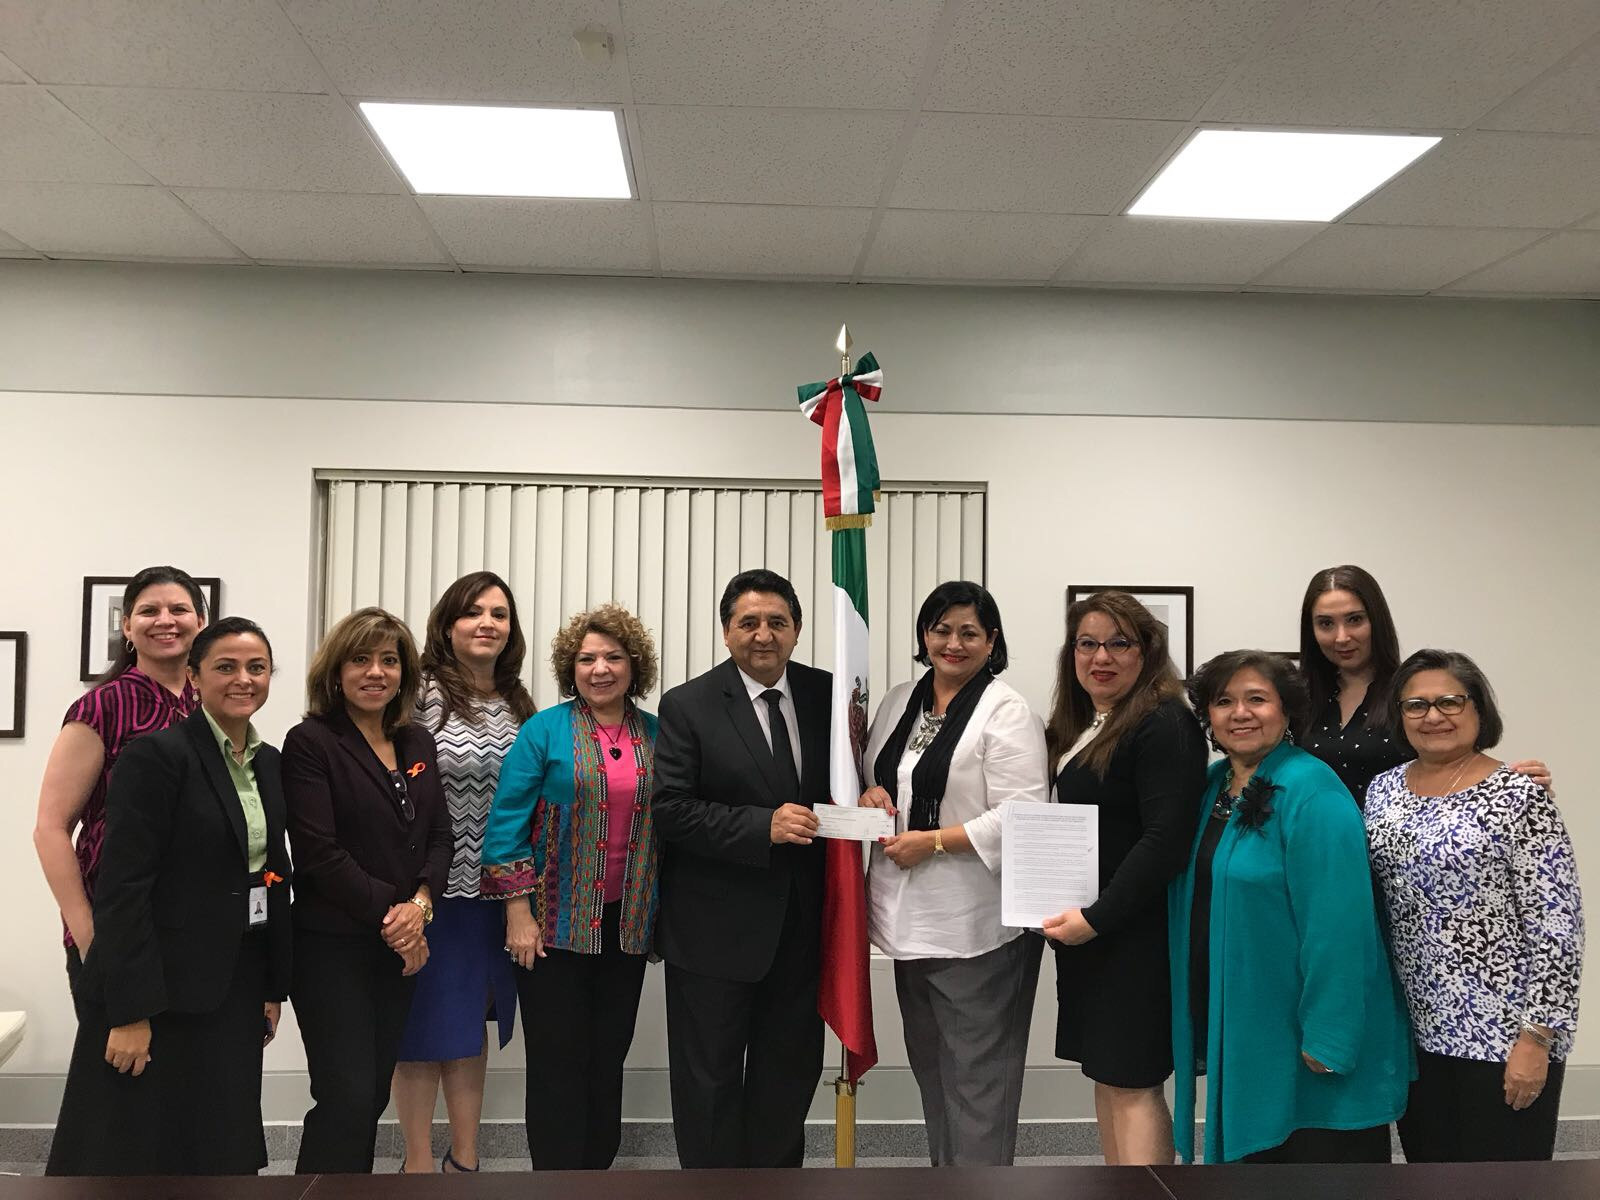 El consulado de México en McAllen celebra acuerdo con Hispanic Women's Network of Texas